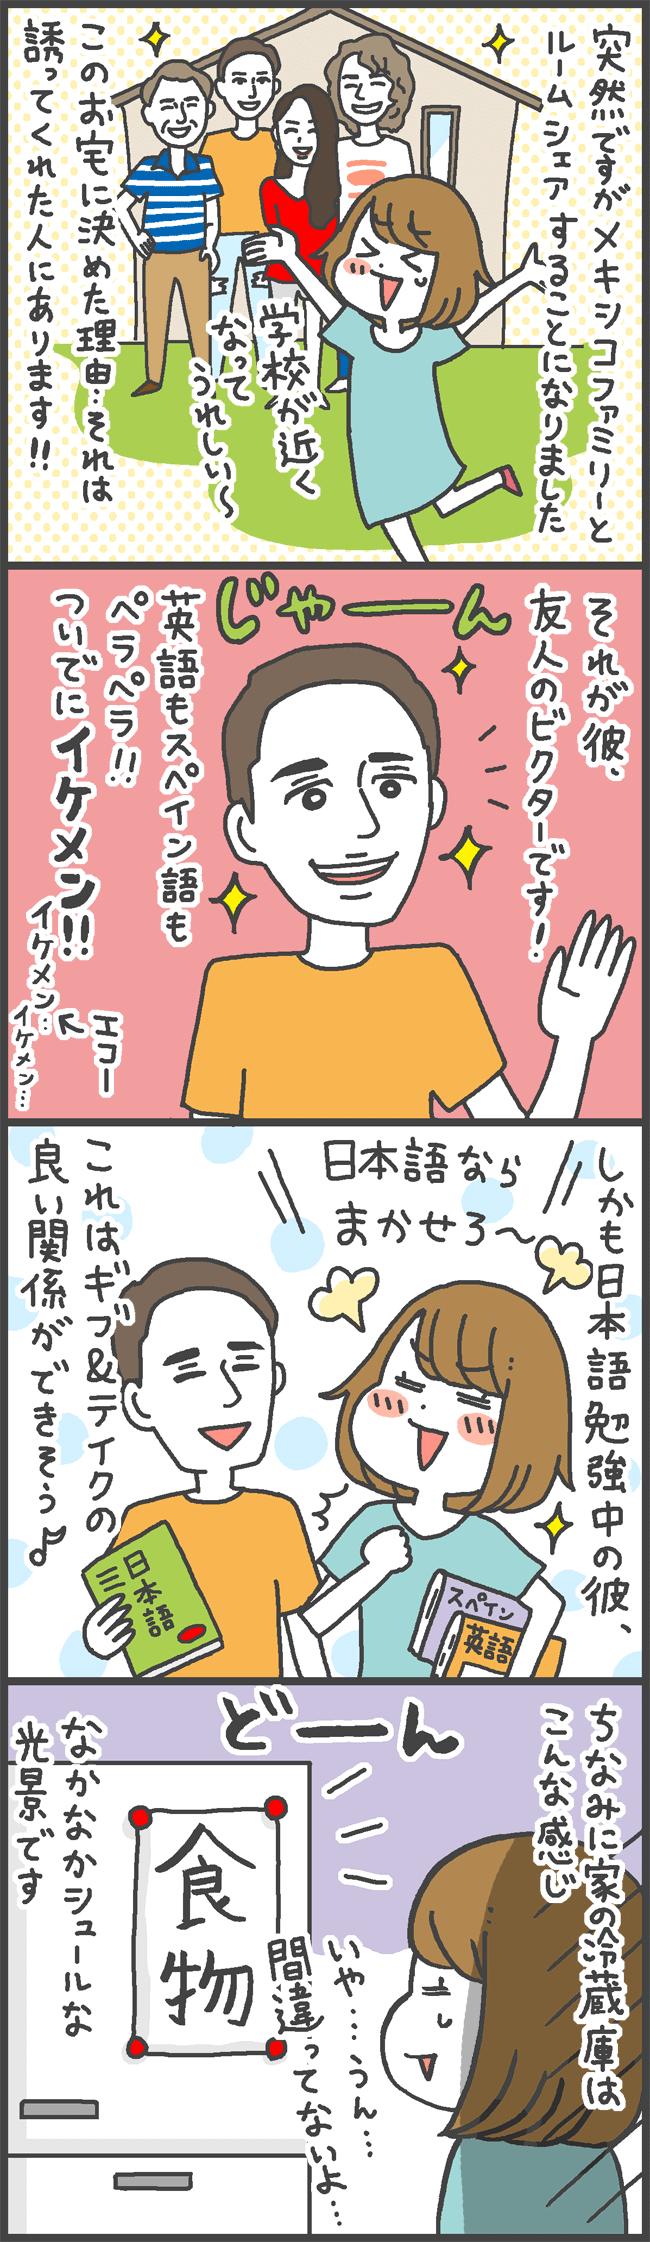 みさPさん・あきばさんのWebマンガ第3回